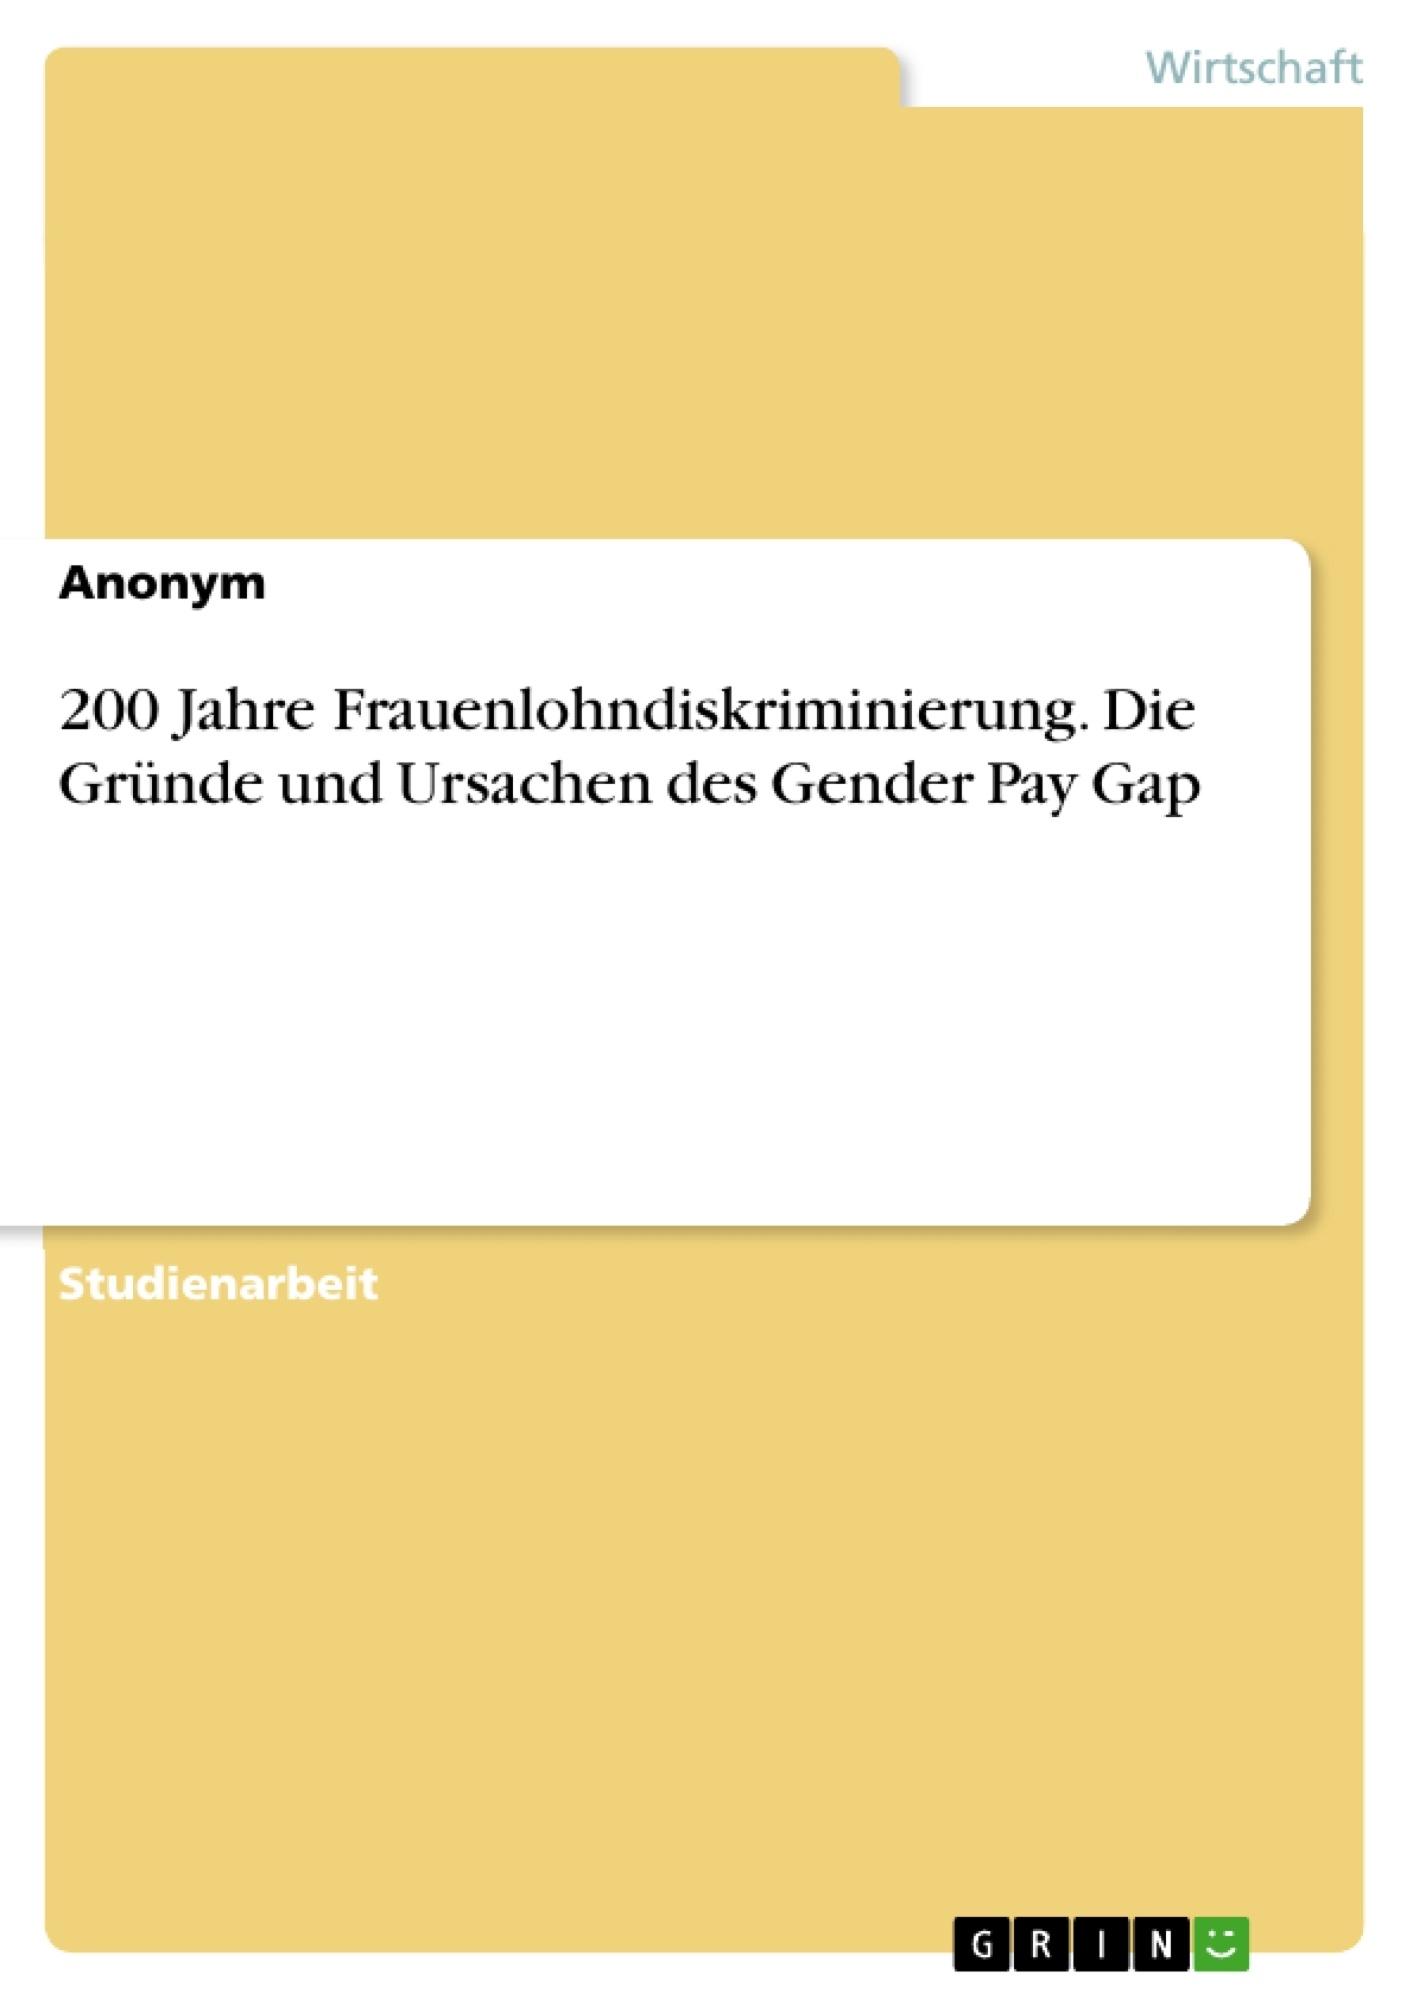 Titel: 200 Jahre Frauenlohndiskriminierung. Die Gründe und Ursachen des Gender Pay Gap